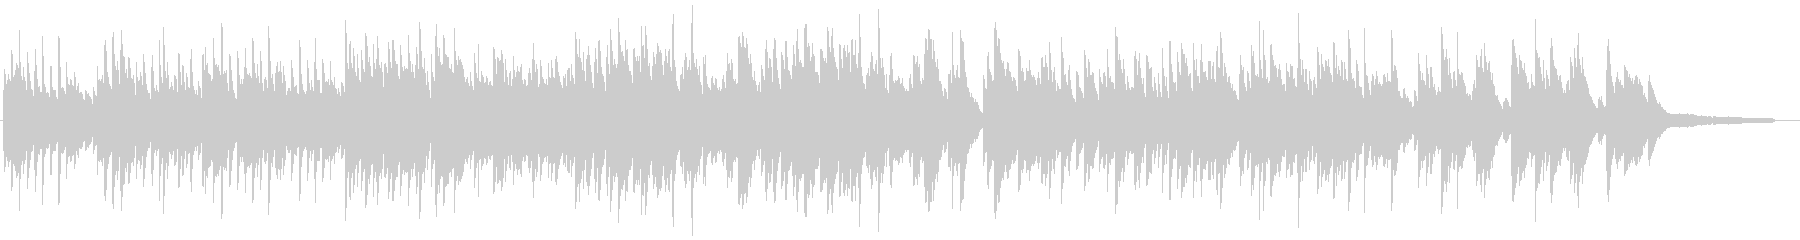 優しい 明るめのピアノソロ バラードの未再生の波形